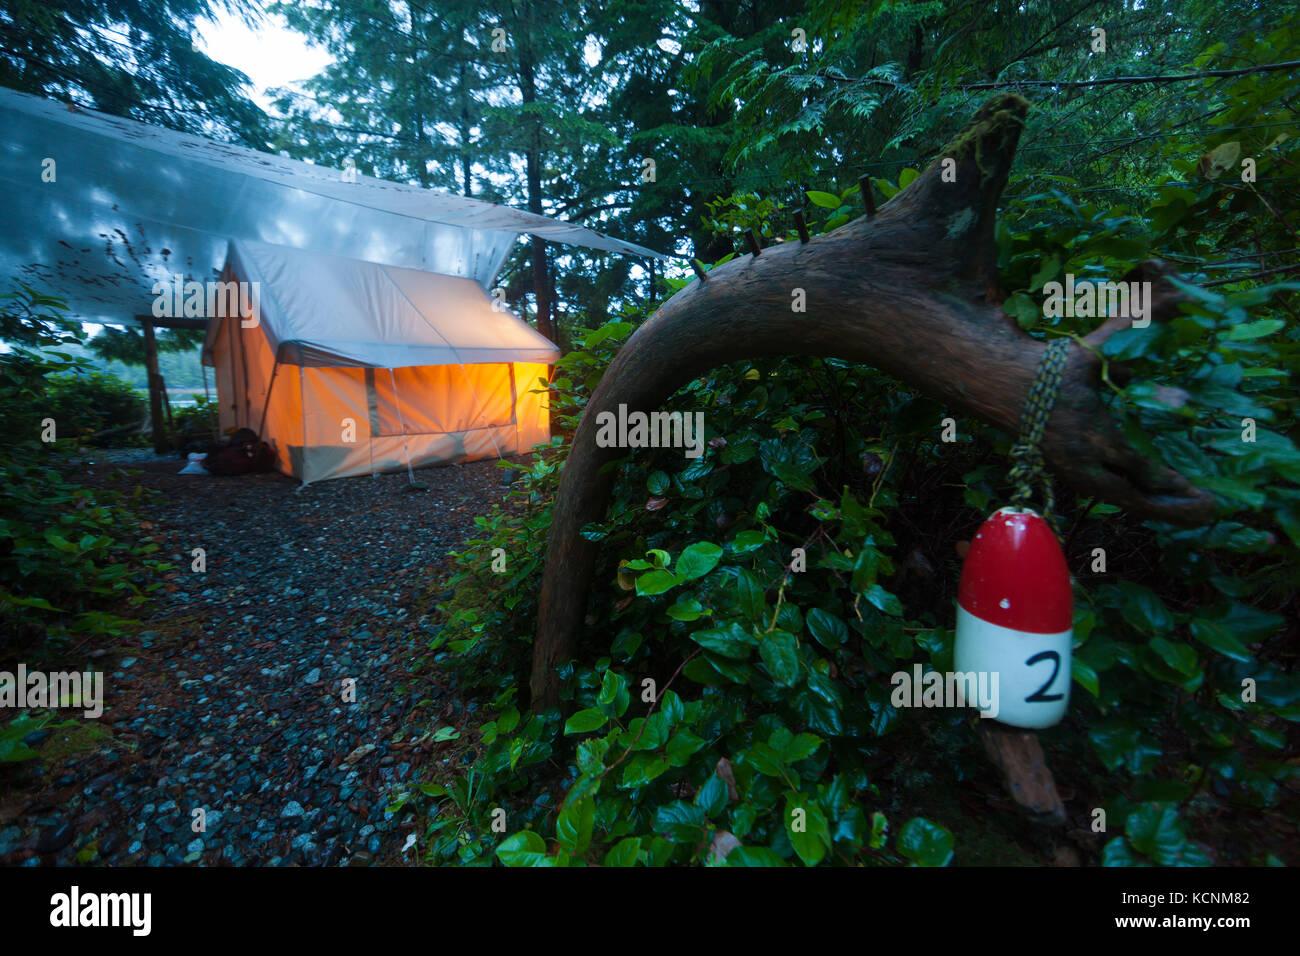 Doch rustikalen gemütlichen Zelt Camping grüßt Besucher von West Coast Expeditionen Camp auf Spring Stockbild